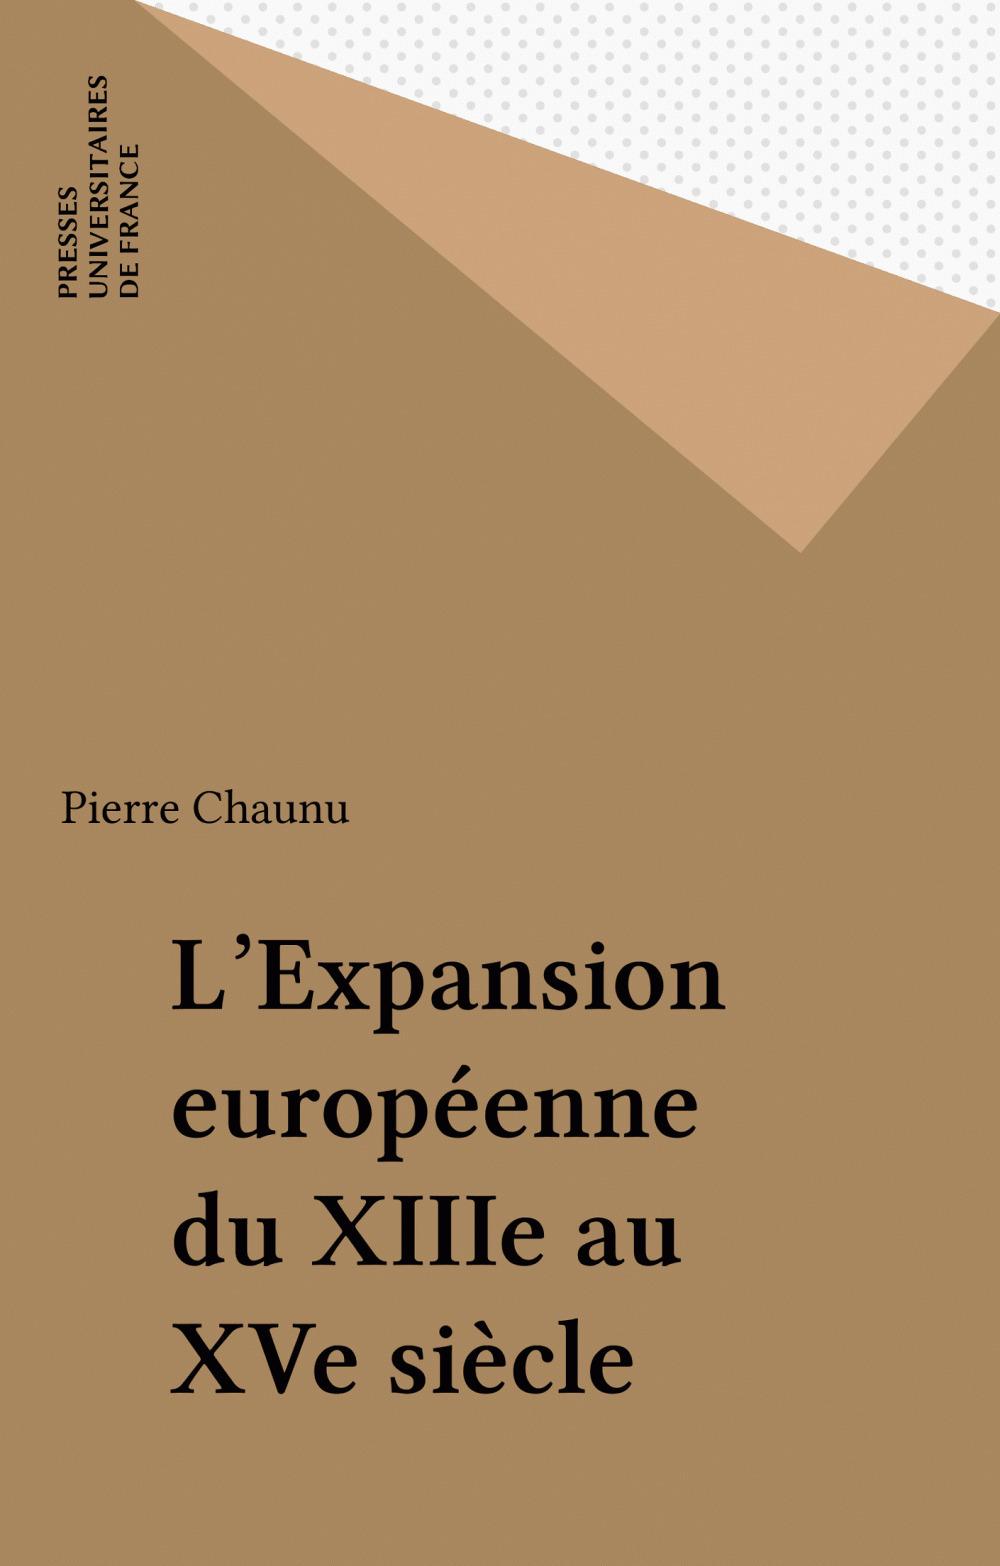 L'Expansion européenne du XIIIe au XVe siècle